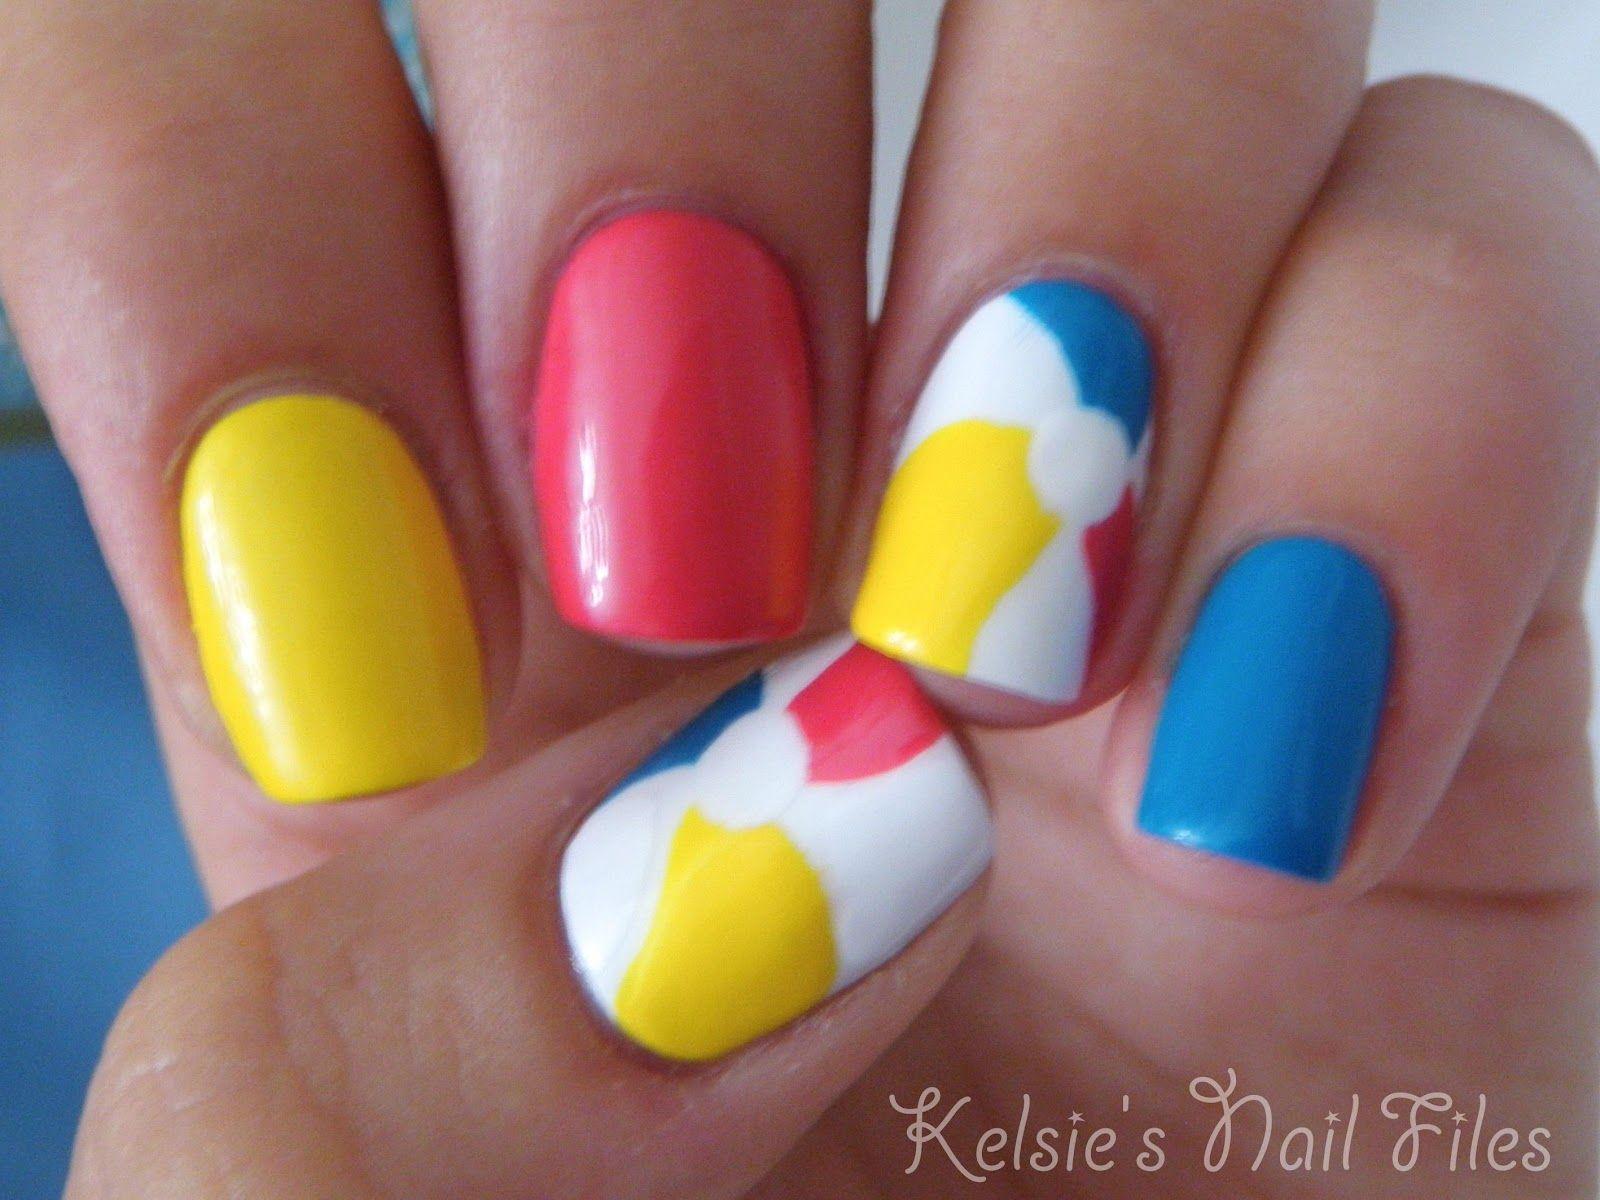 Kelsie\'s Nail Files | Nails | Pinterest | Beach ball, Beach and Nail ...